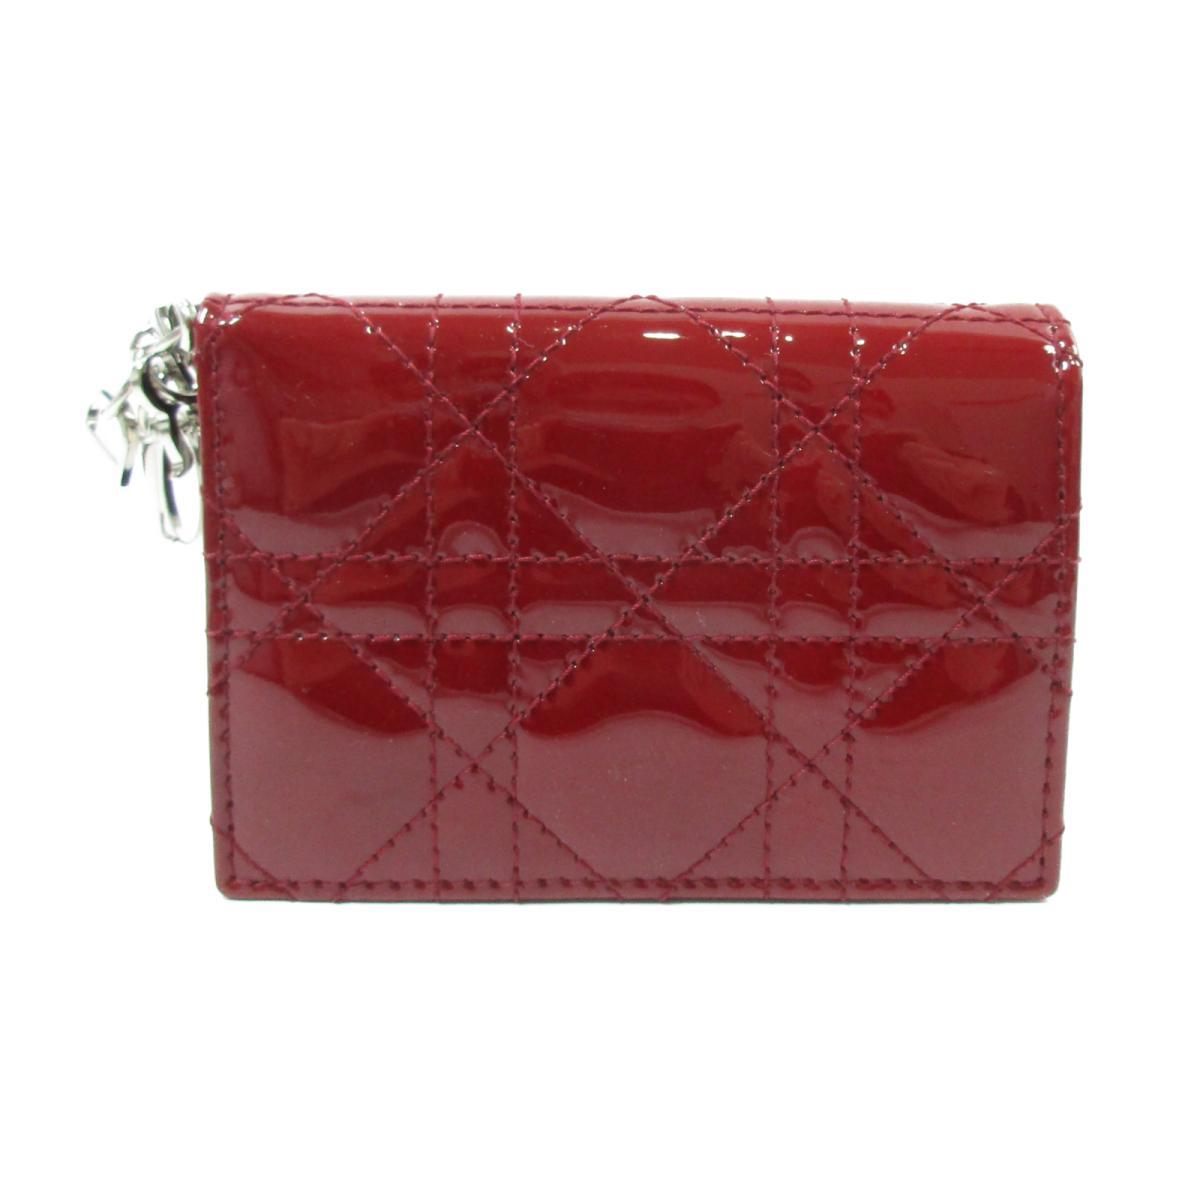 財布・ケース, 定期入れ・パスケース  X () Dior BRANDOFF